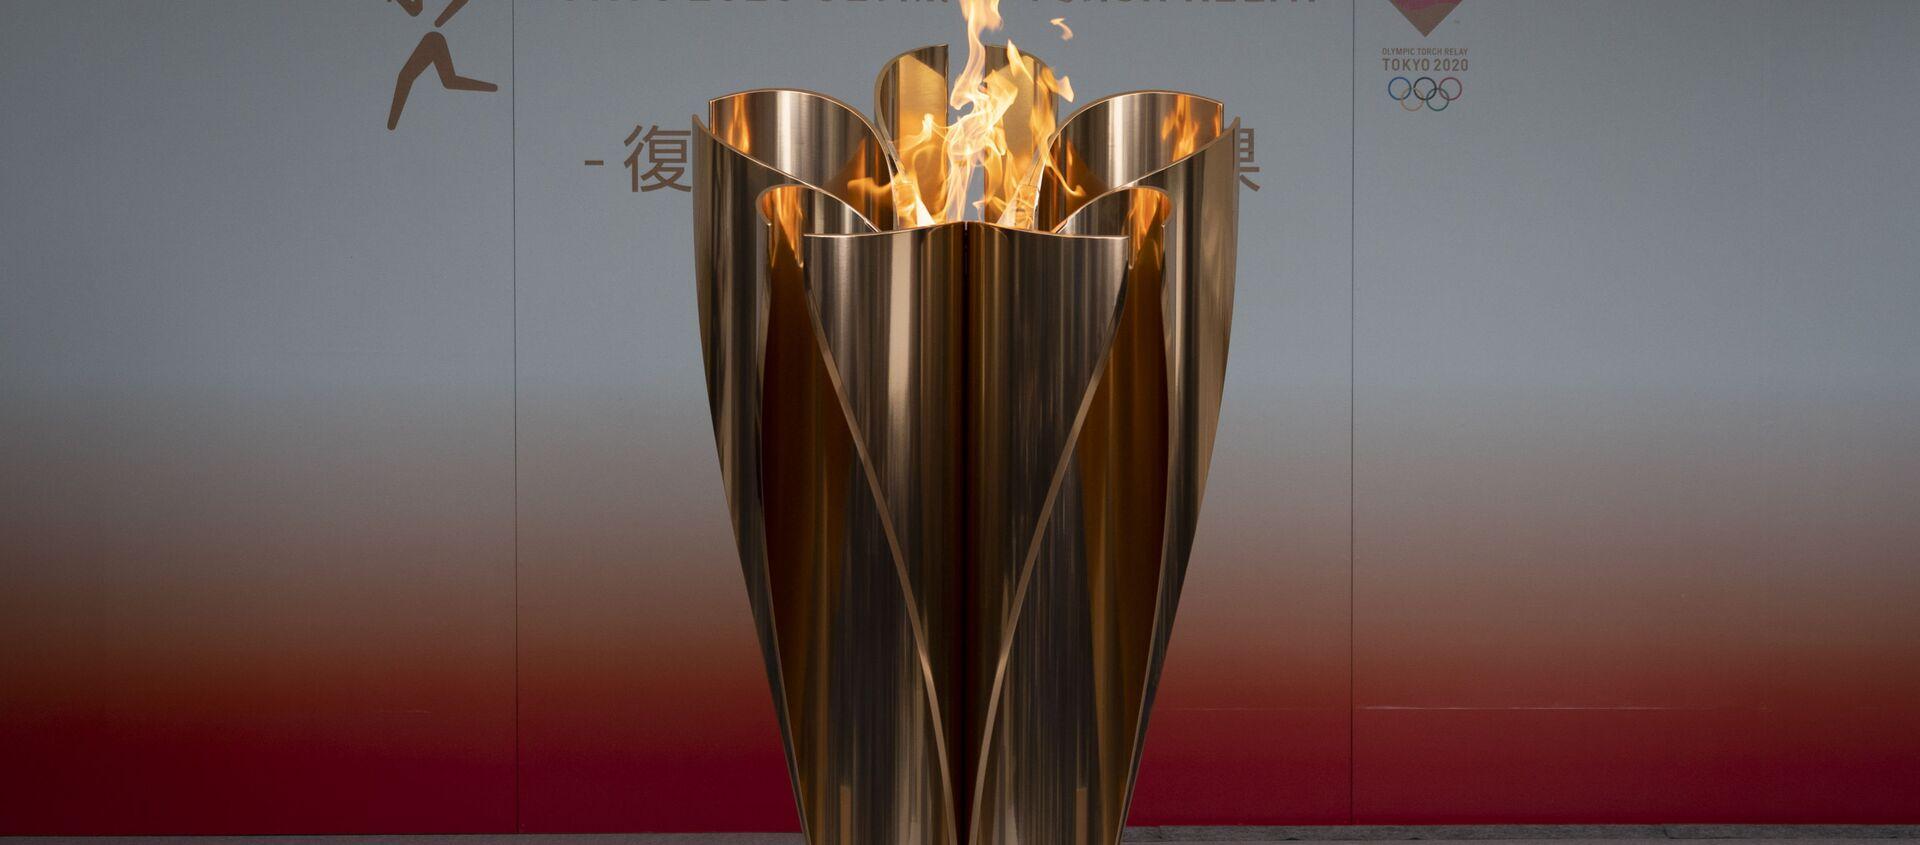 Ngọn lửa Olympic ở thành phố Fukushima, Nhật Bản. - Sputnik Việt Nam, 1920, 26.03.2021